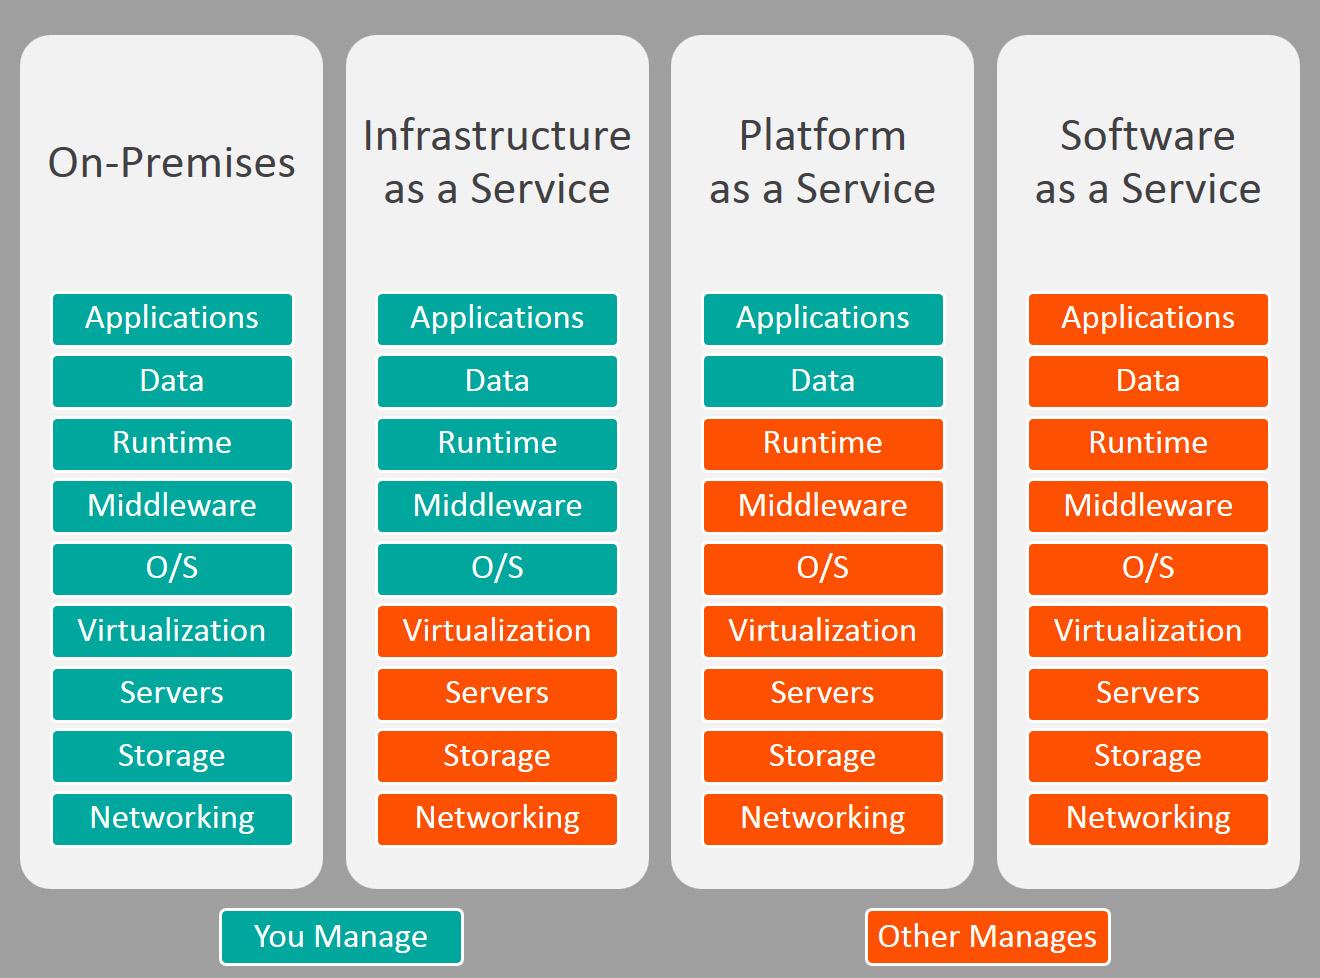 Cloud Computing: Các hình thức cơ bản và lợi thế kinh doanh của các dịch vụ được cung cấp trên đám mây